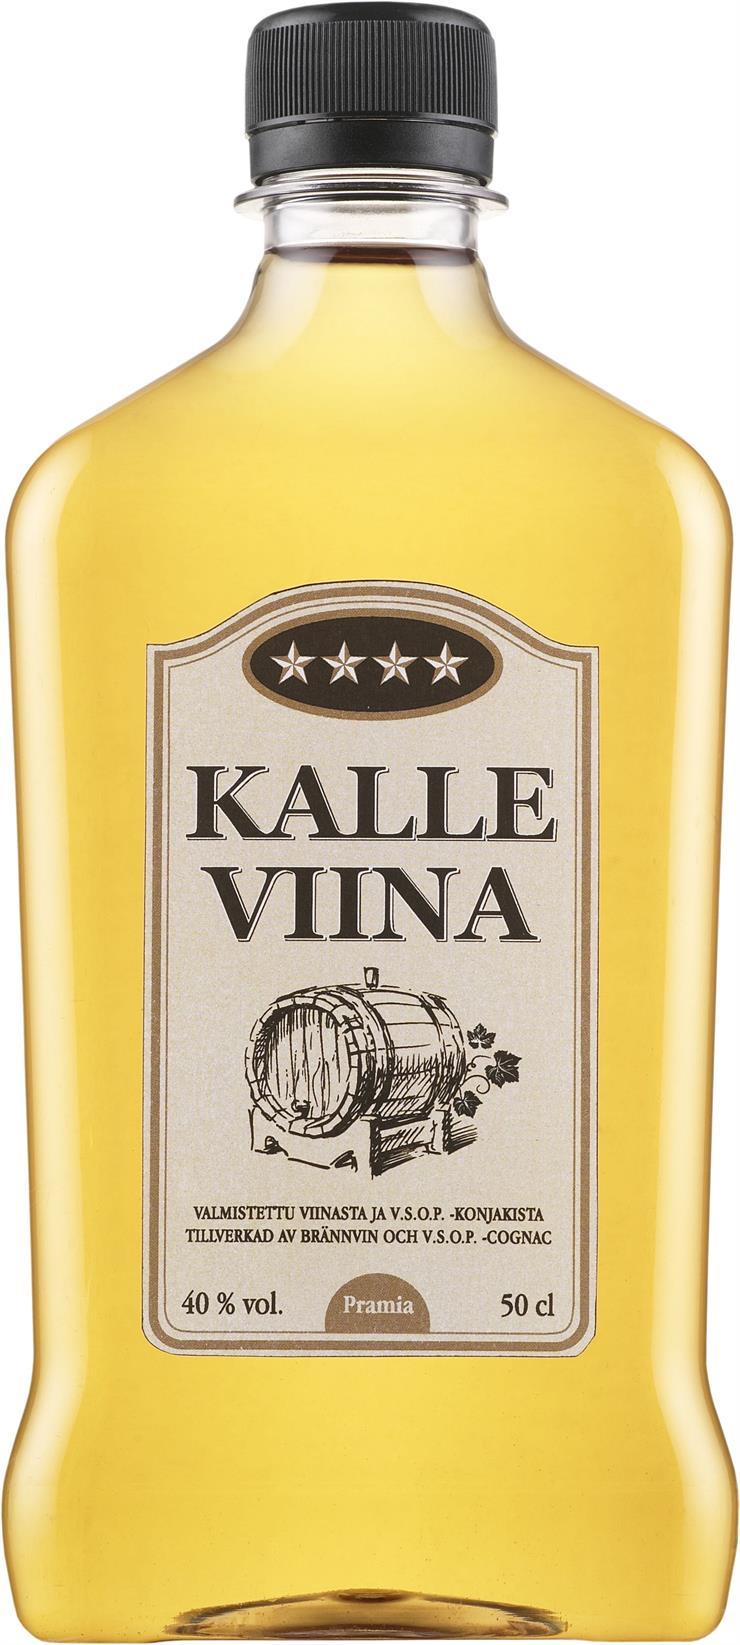 Kalle Viina